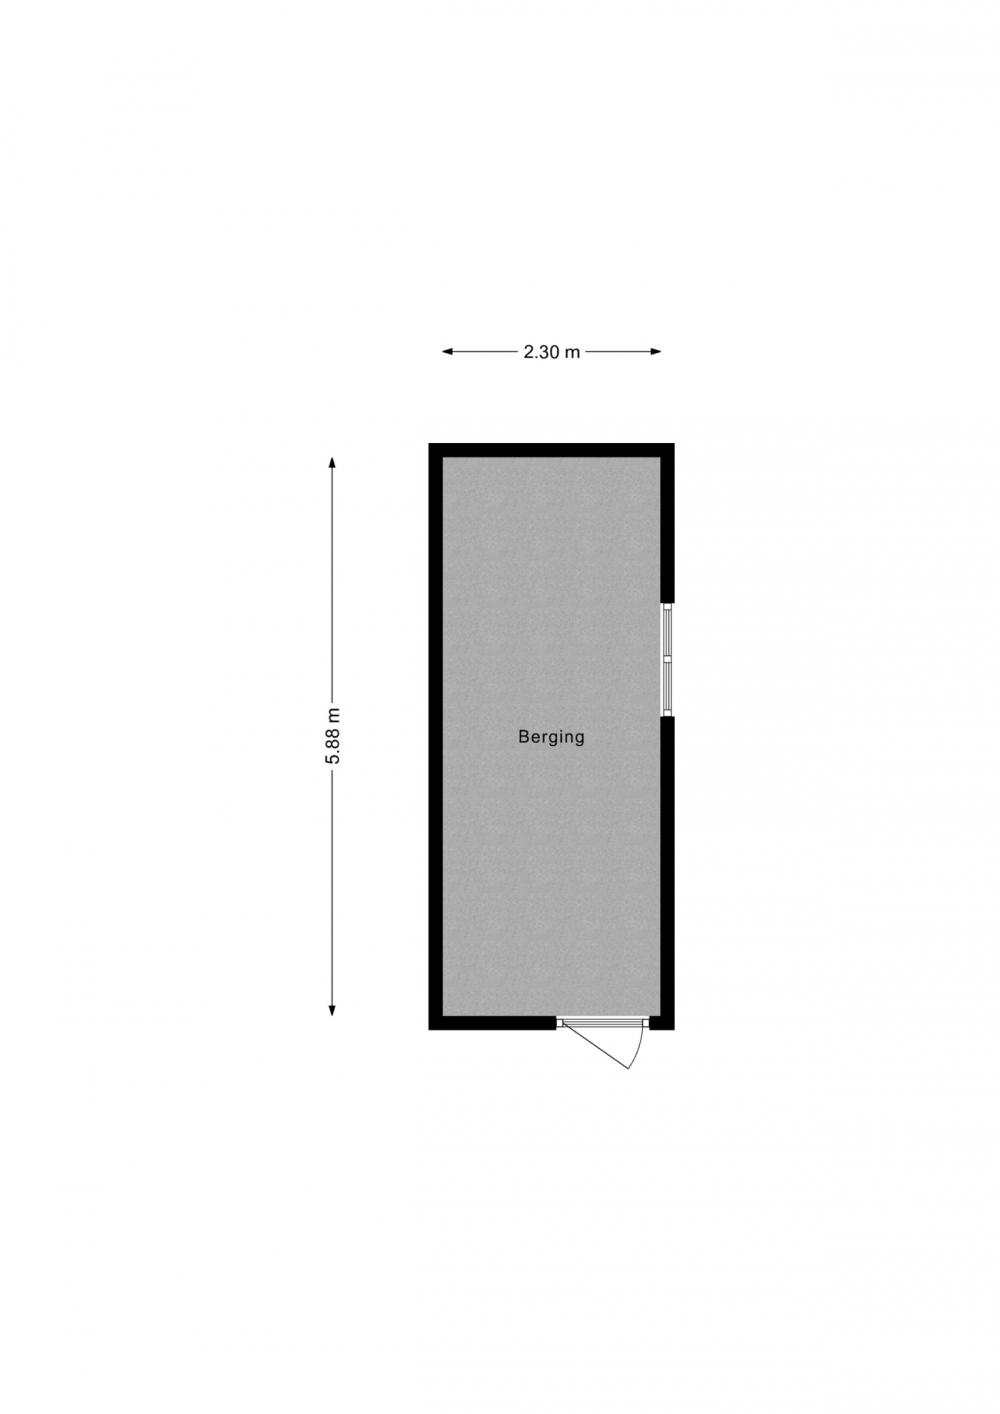 lochem-graaf-lodewijklaan-20